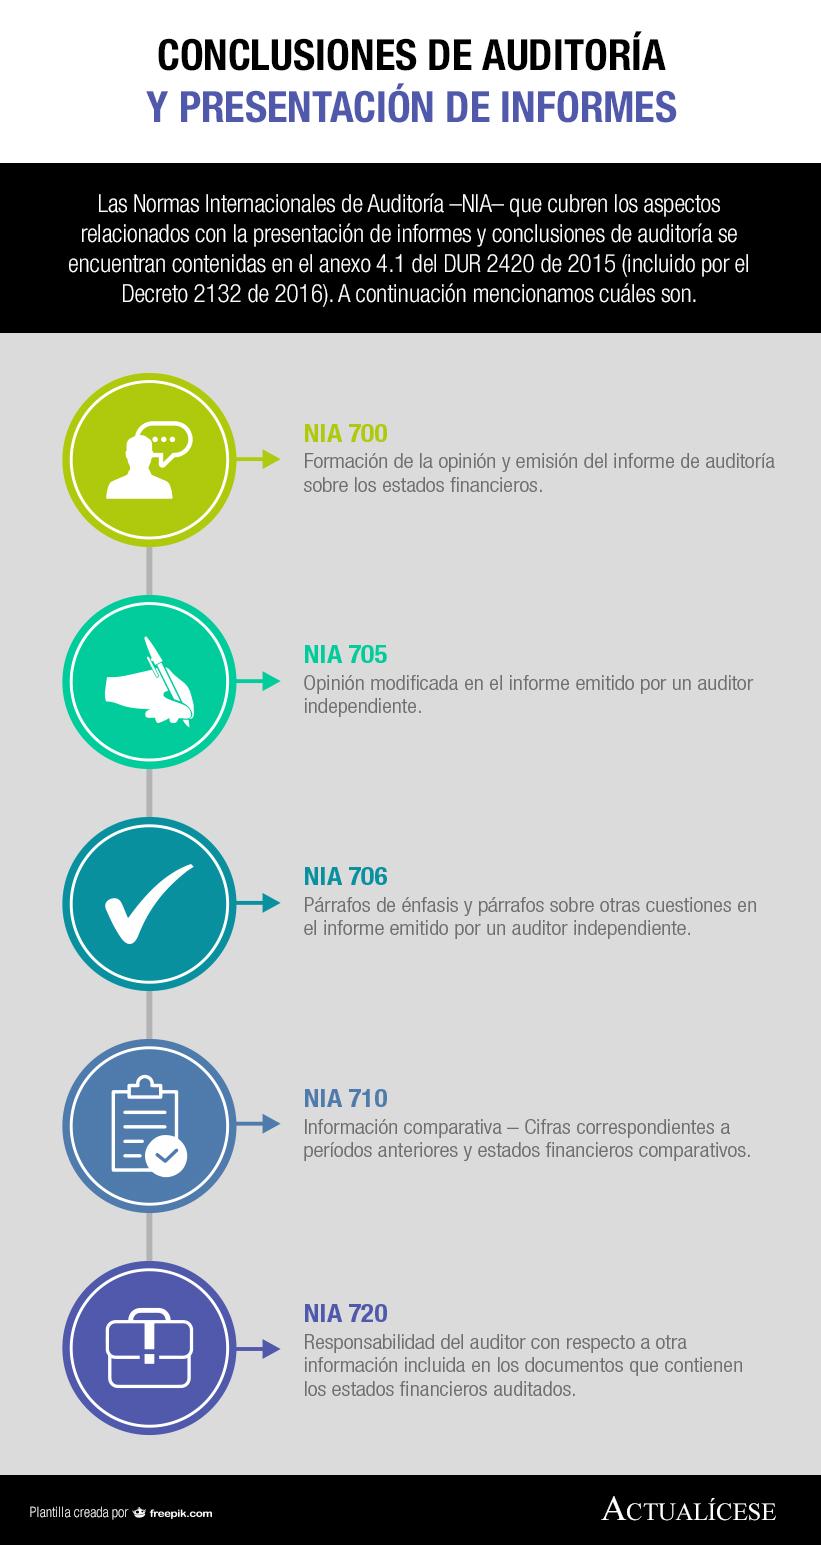 [Infografía] Conclusiones de auditoría y presentación de informes